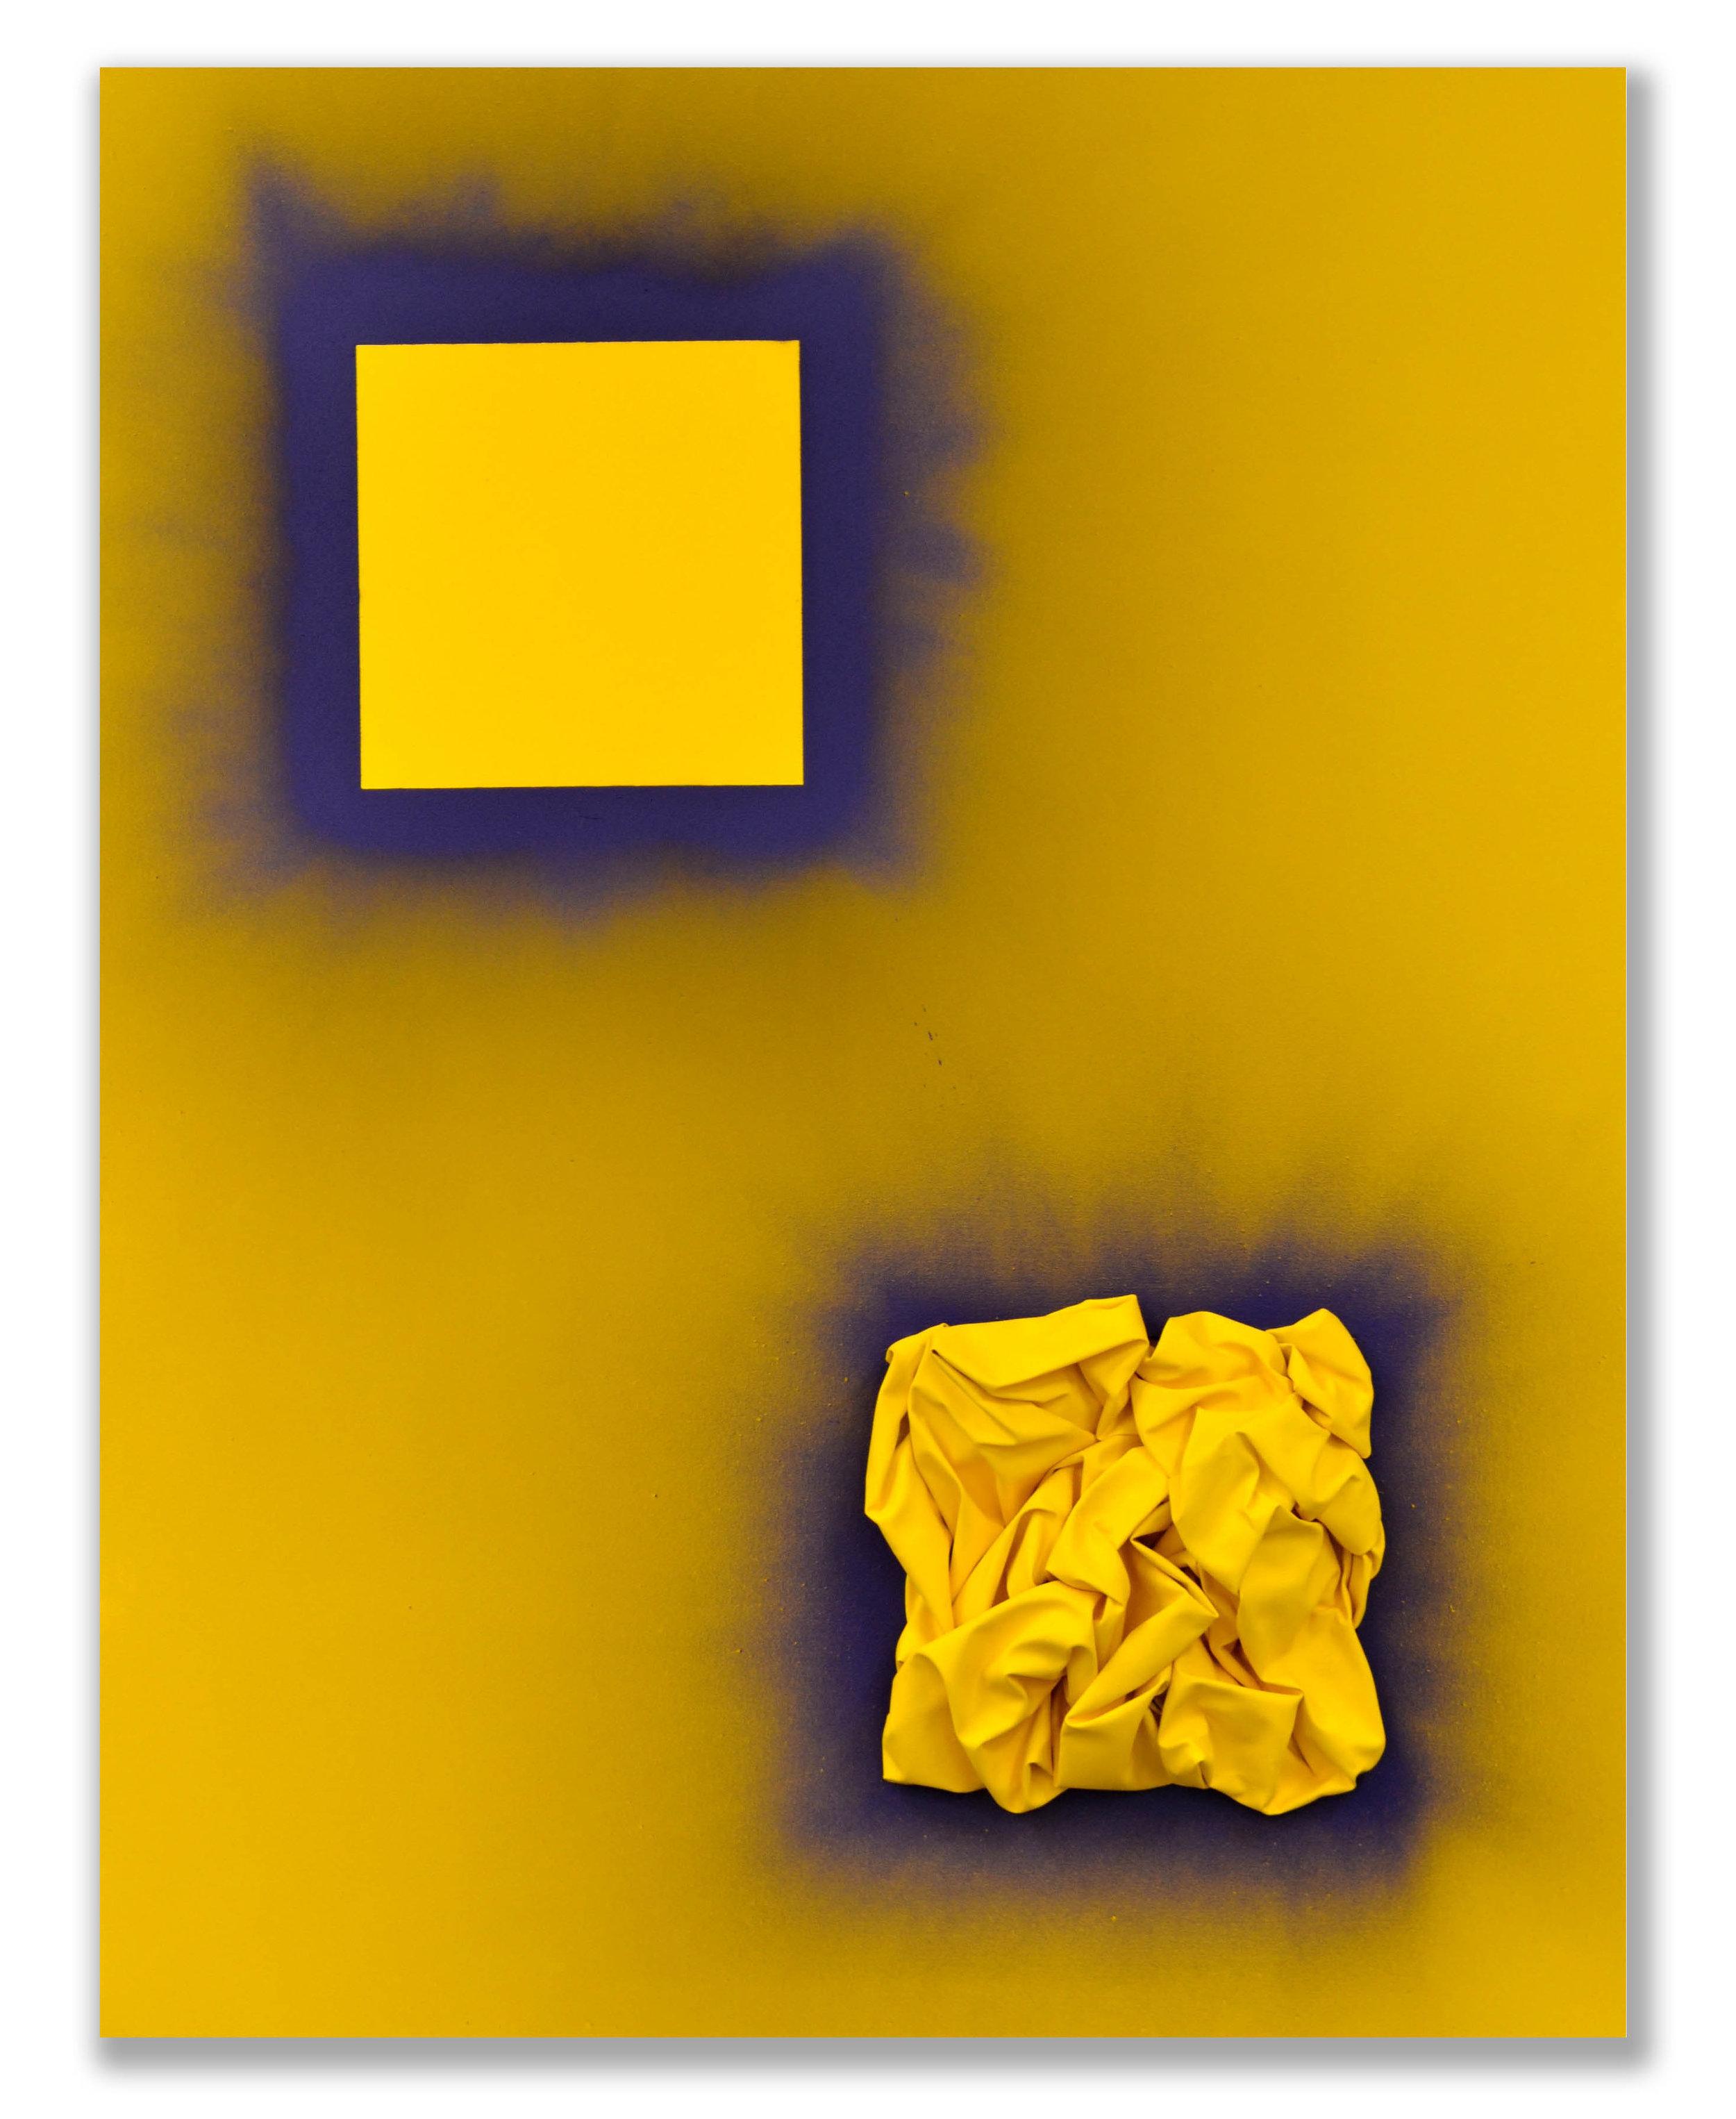 Occurring on Yellow  - 2018  Pigmento acrilico e bomboletta spray su tela  180 x 140 cm